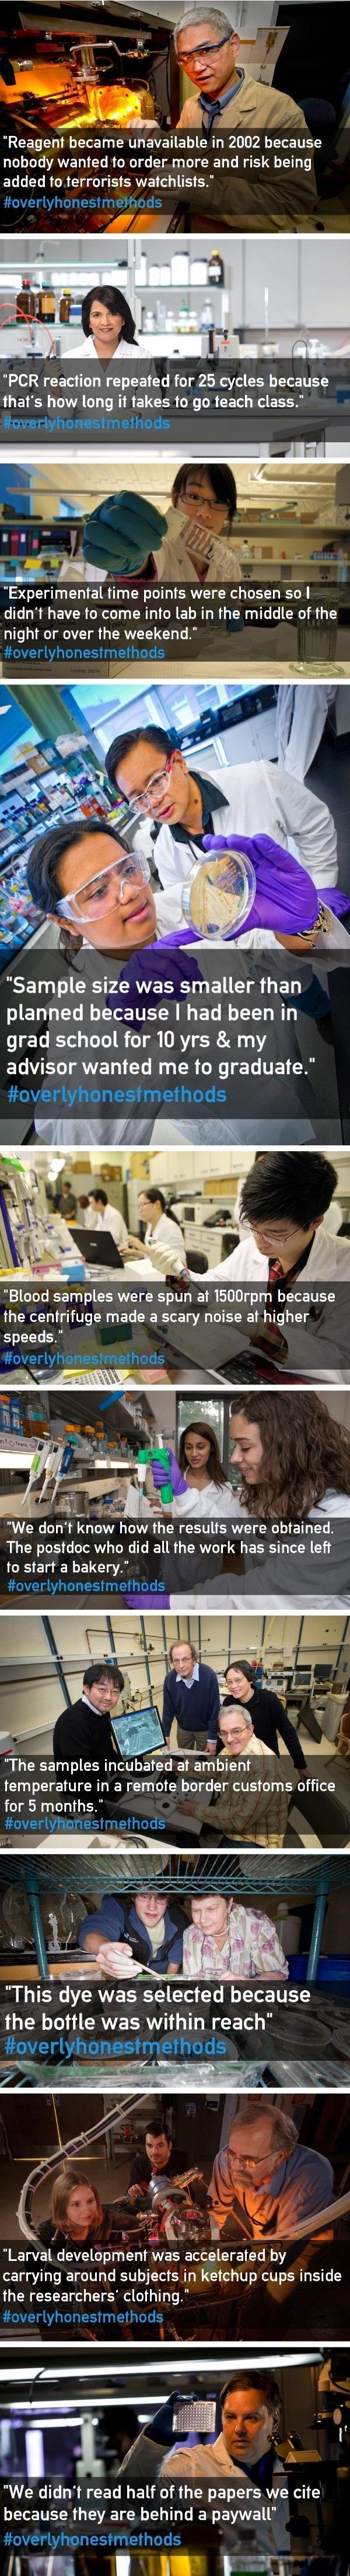 Scientists explain processes